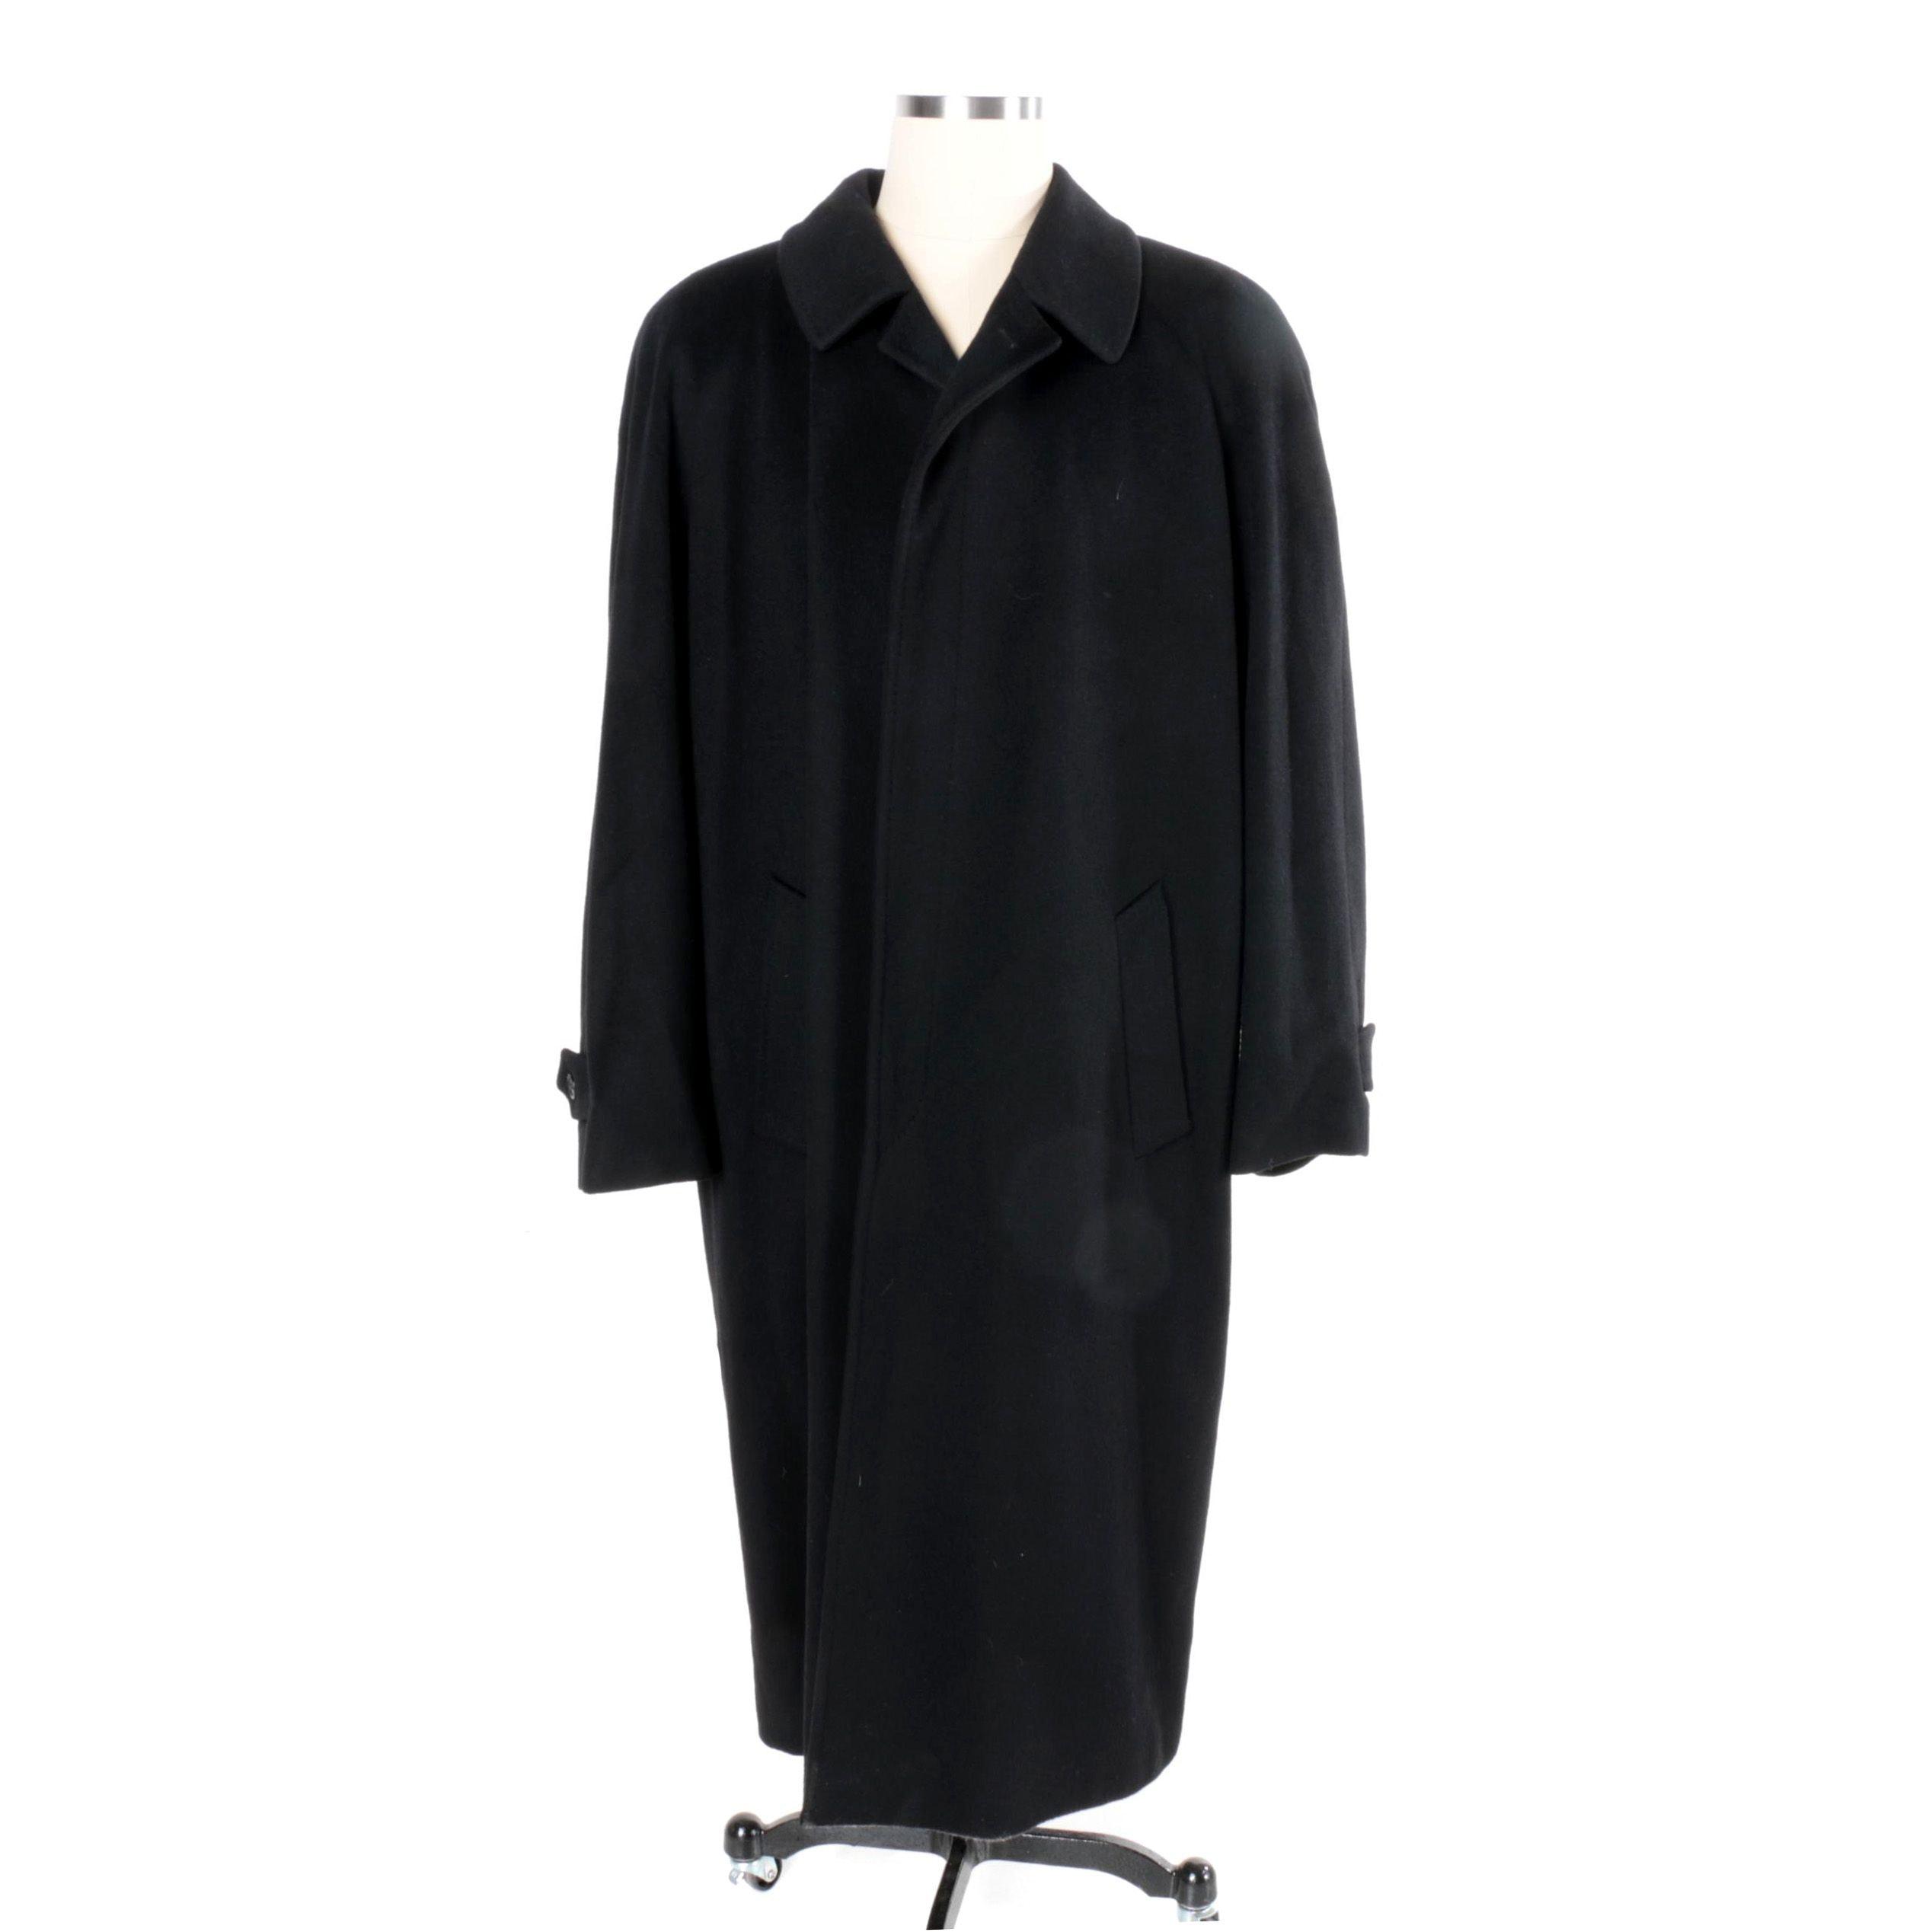 Men's Mario Valente Black Pure Cashmere Coat